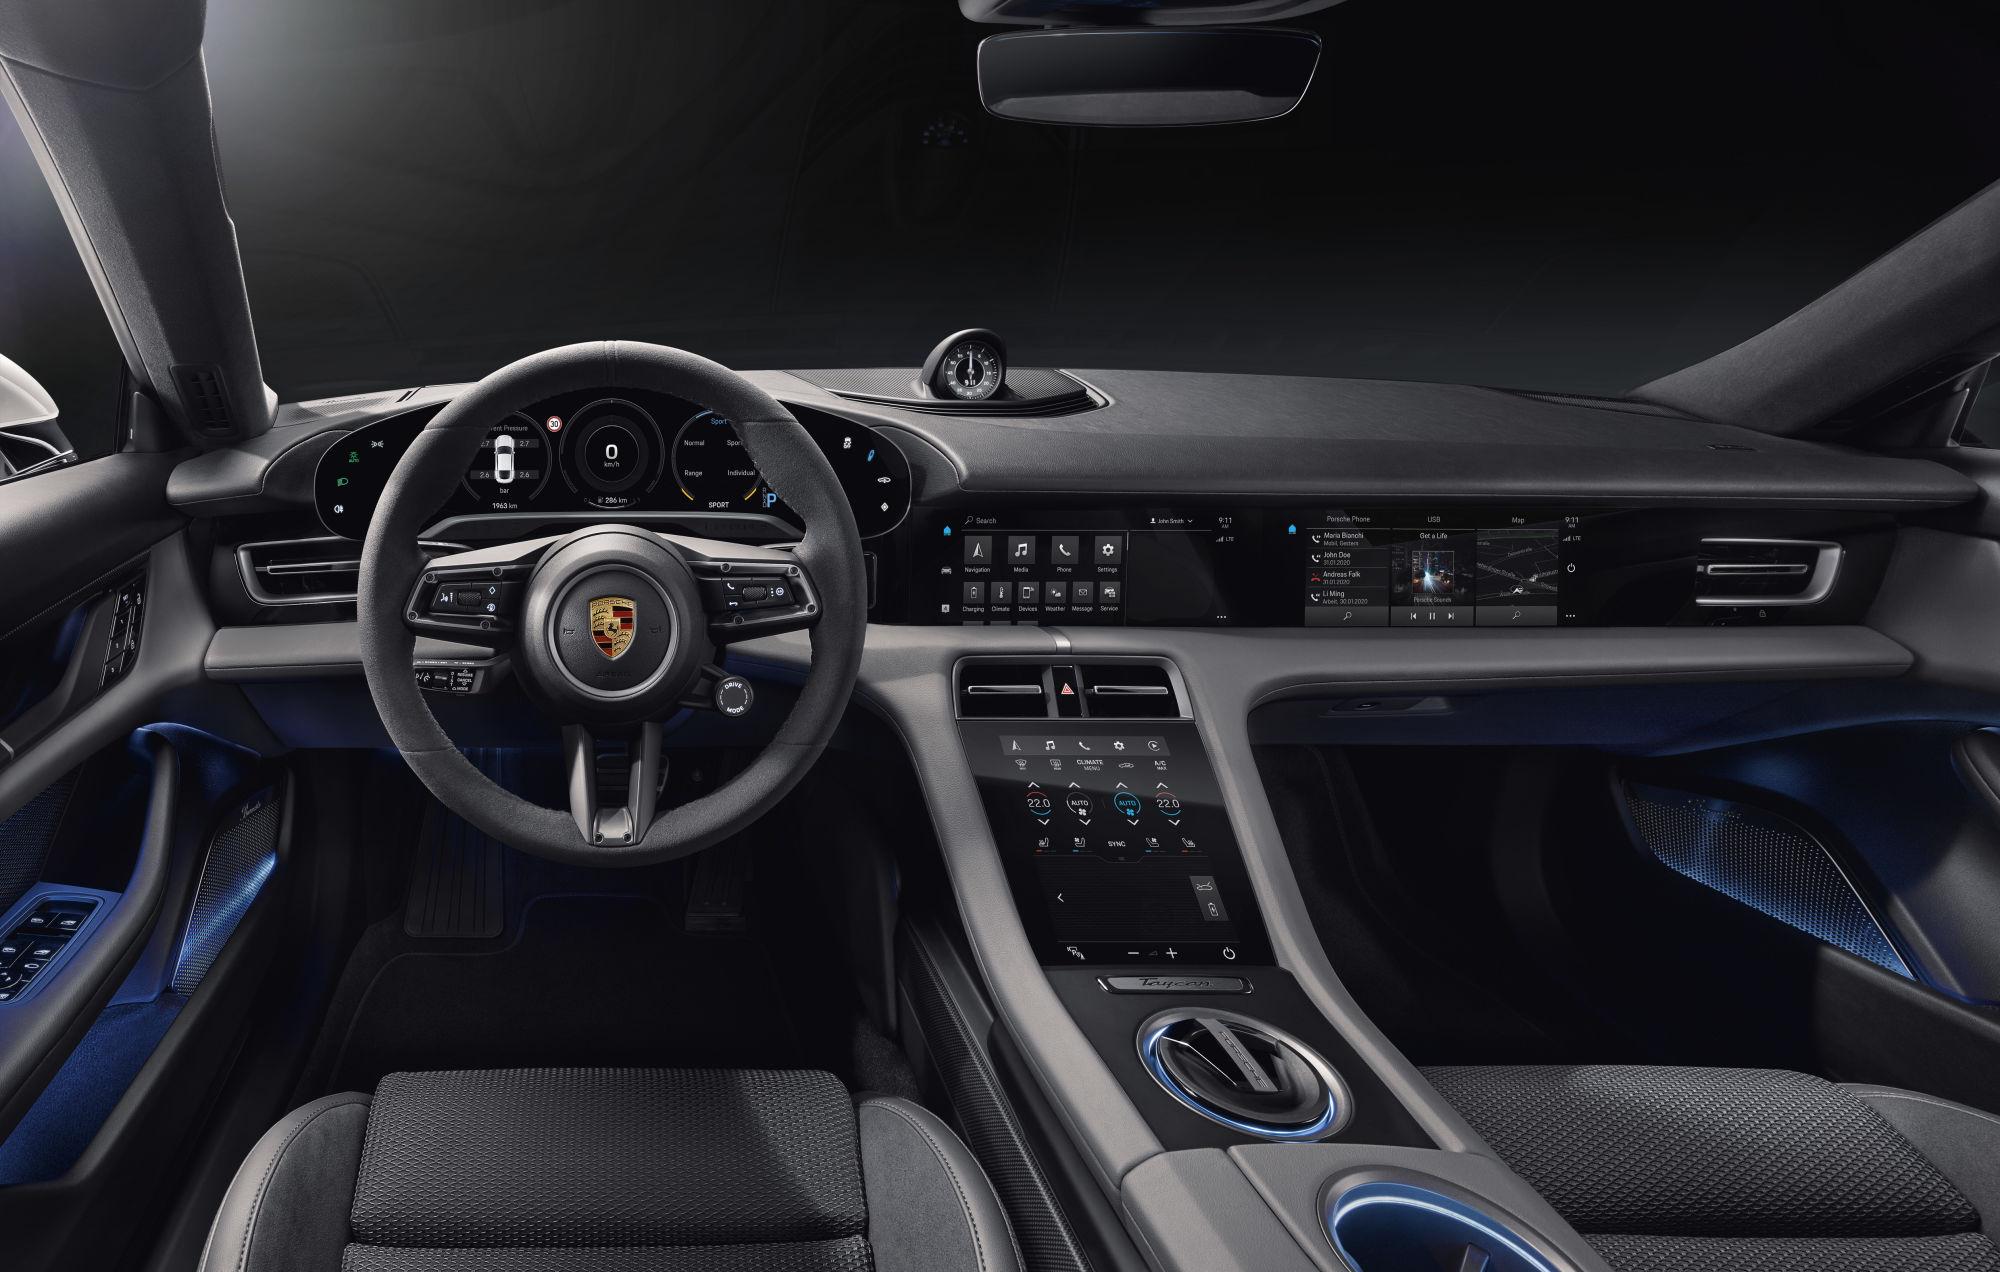 Конкурент Tesla: в Porsche Taycan будет 4 экрана